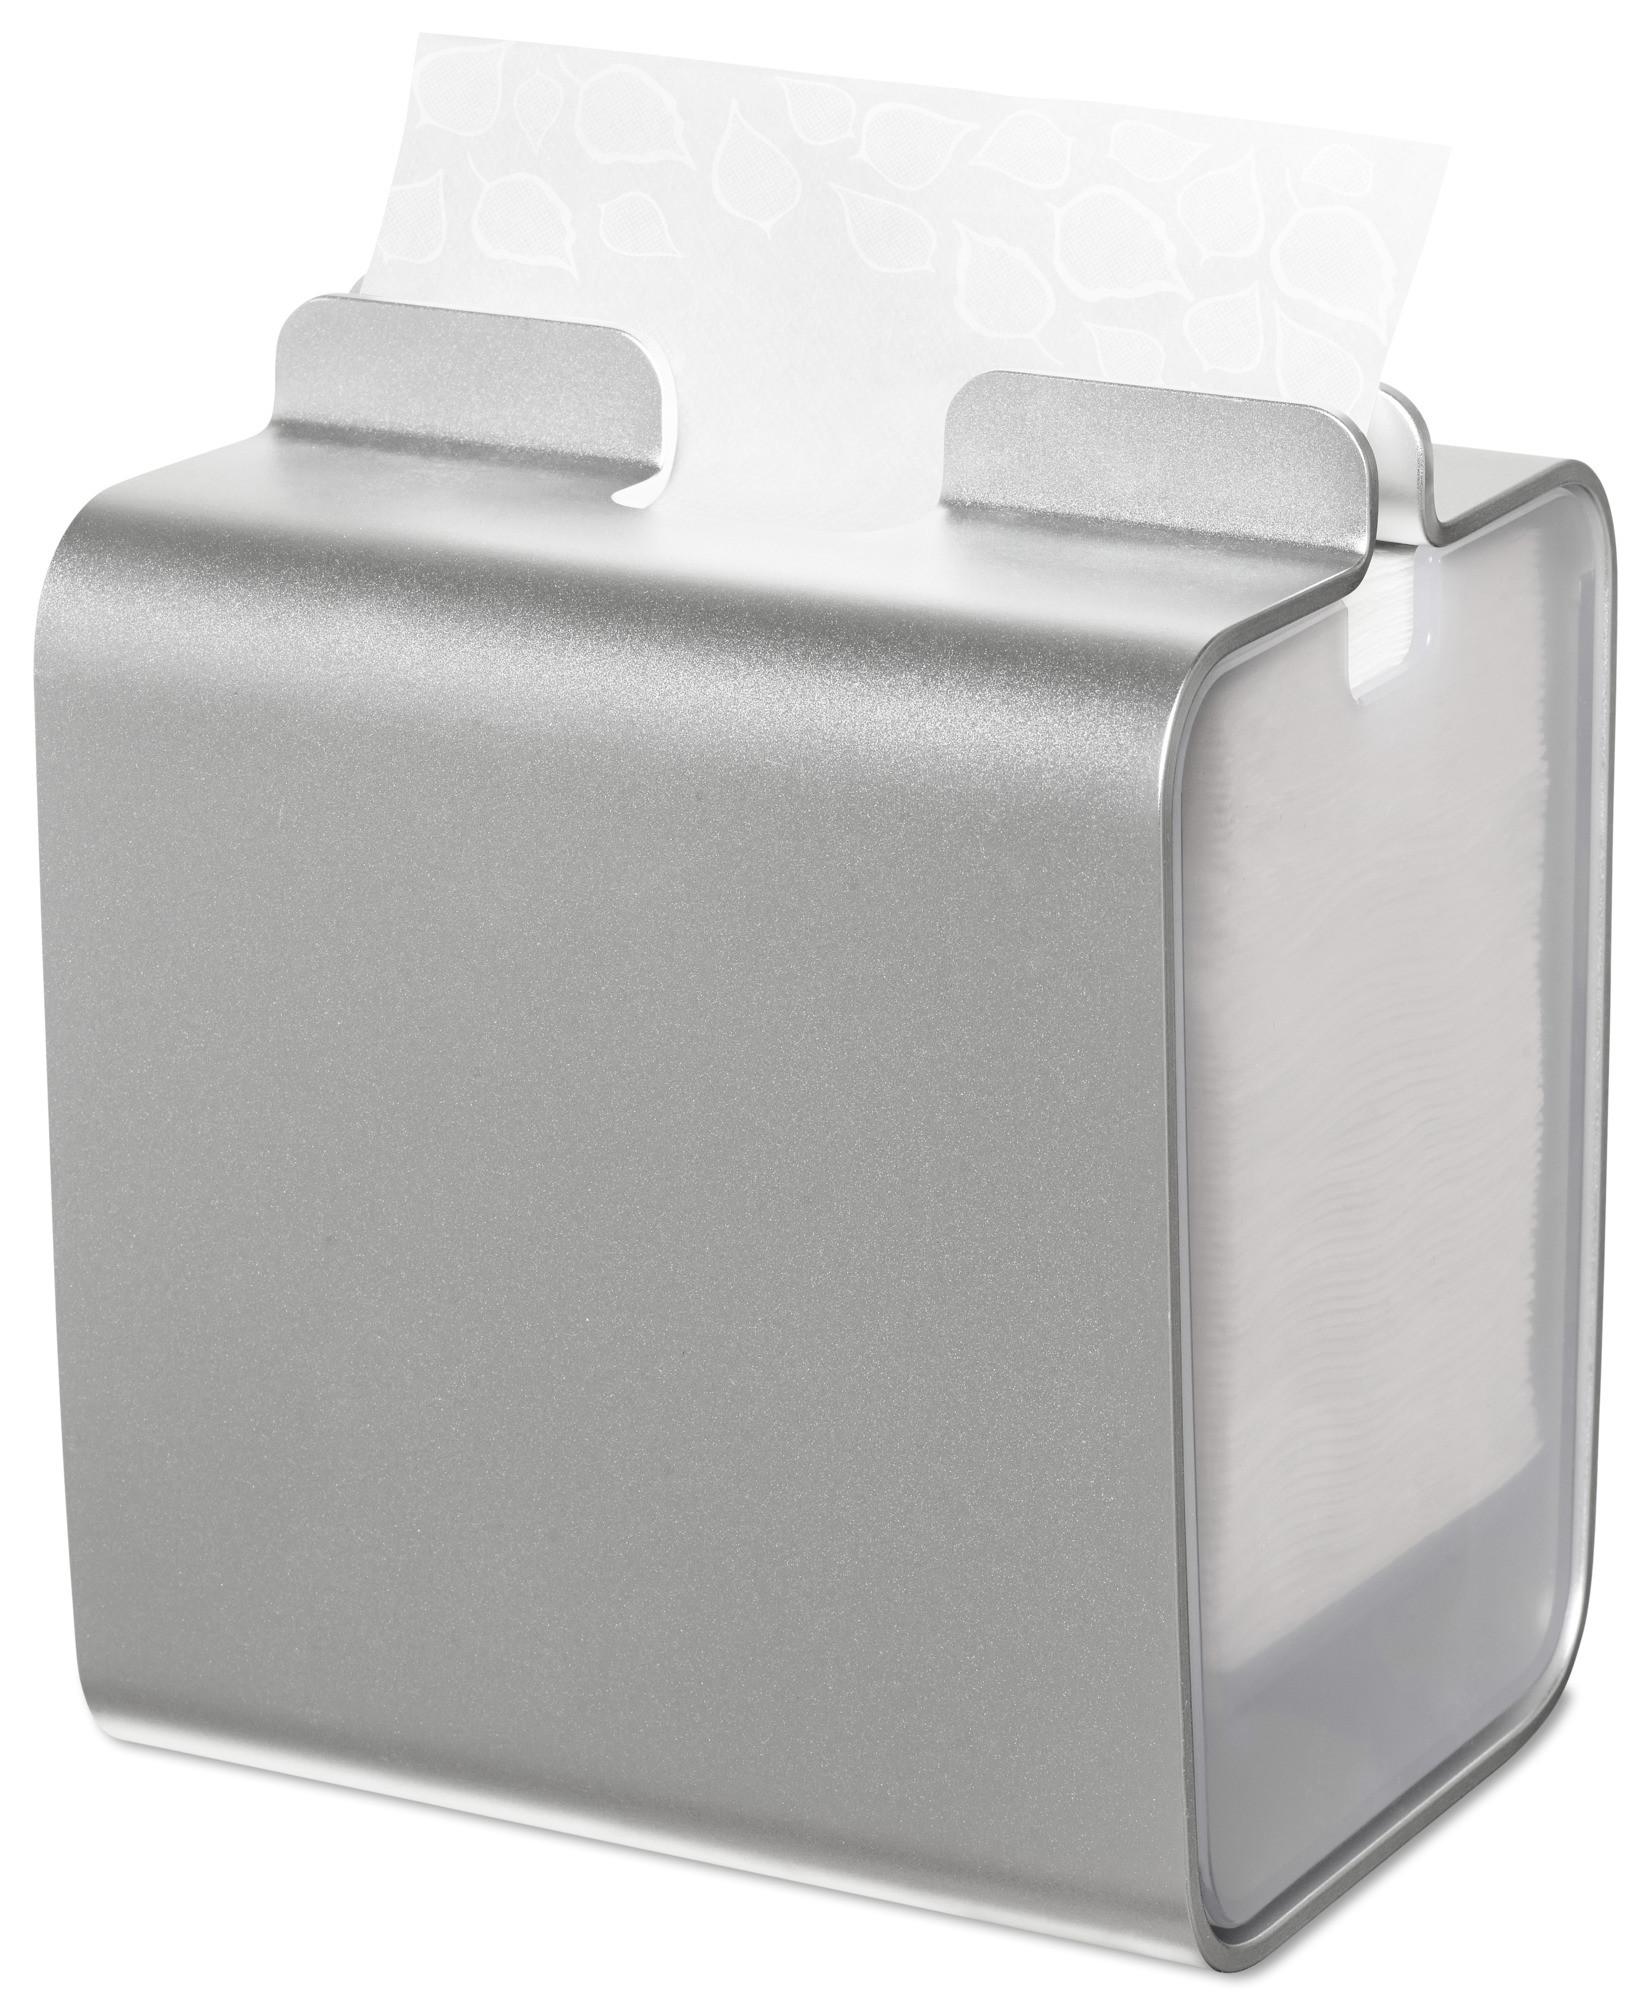 Tork Xpressnap N4 lautasliina-annostelija alumiini